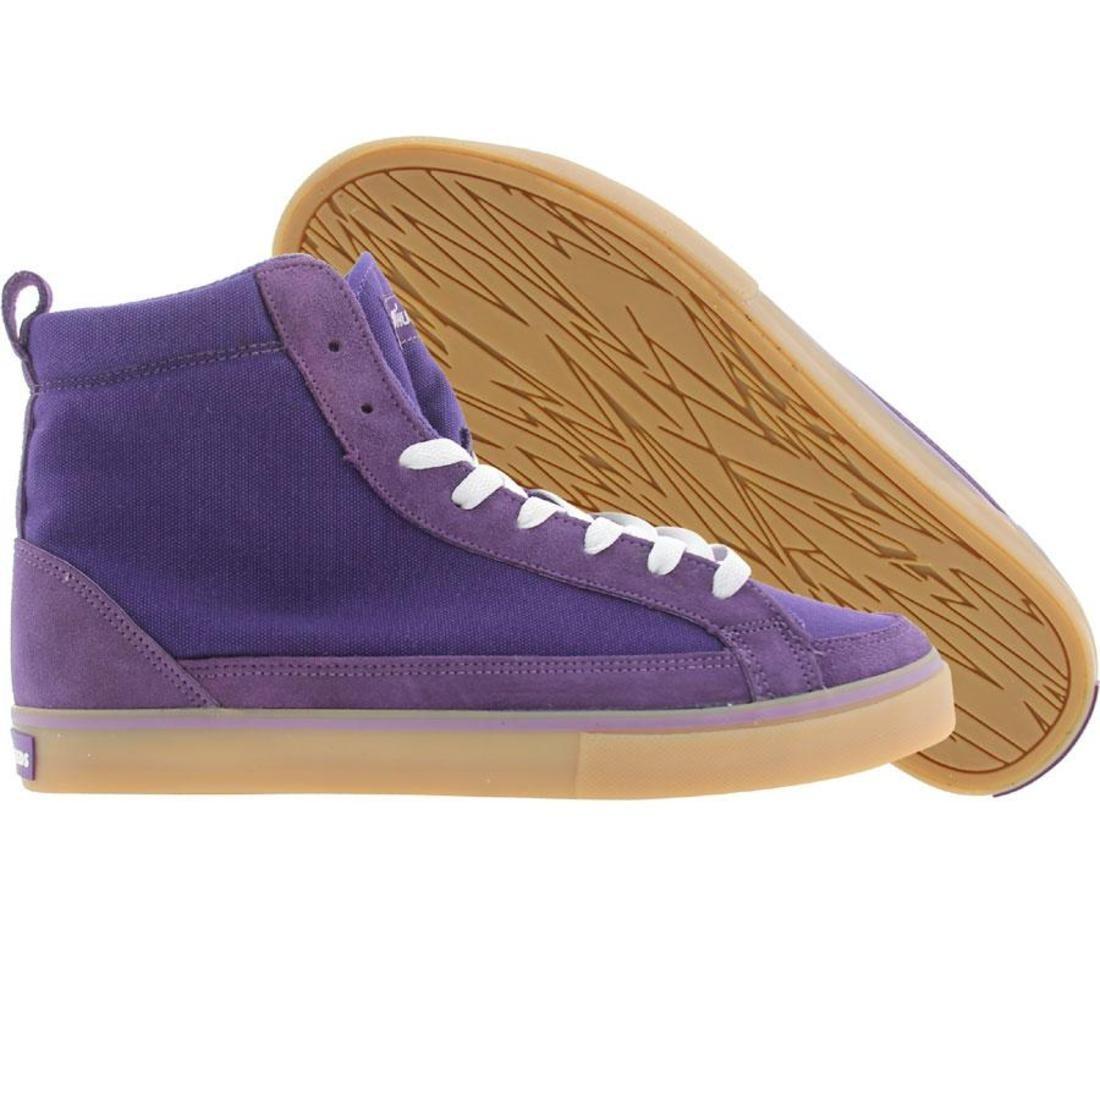 【海外限定】ハイ 靴 メンズ靴 【 THE HUNDREDS WAYNE HIGH TOP PURPLE 】